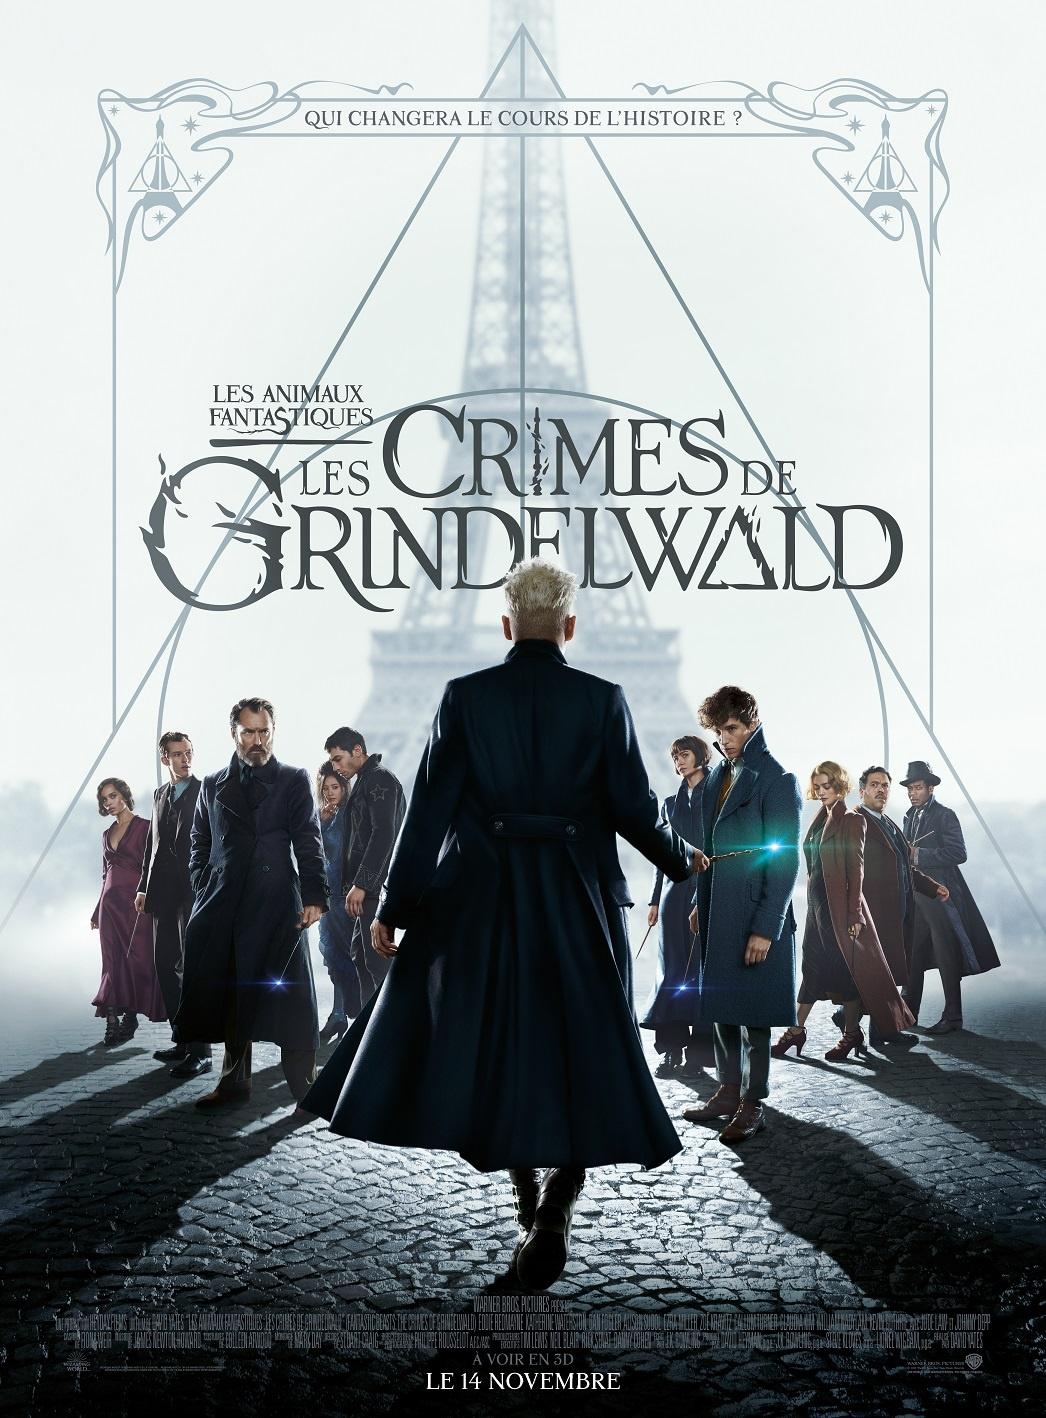 Avant-première mondiale des Crimes de Grindelwald à Paris : toutes les infos !